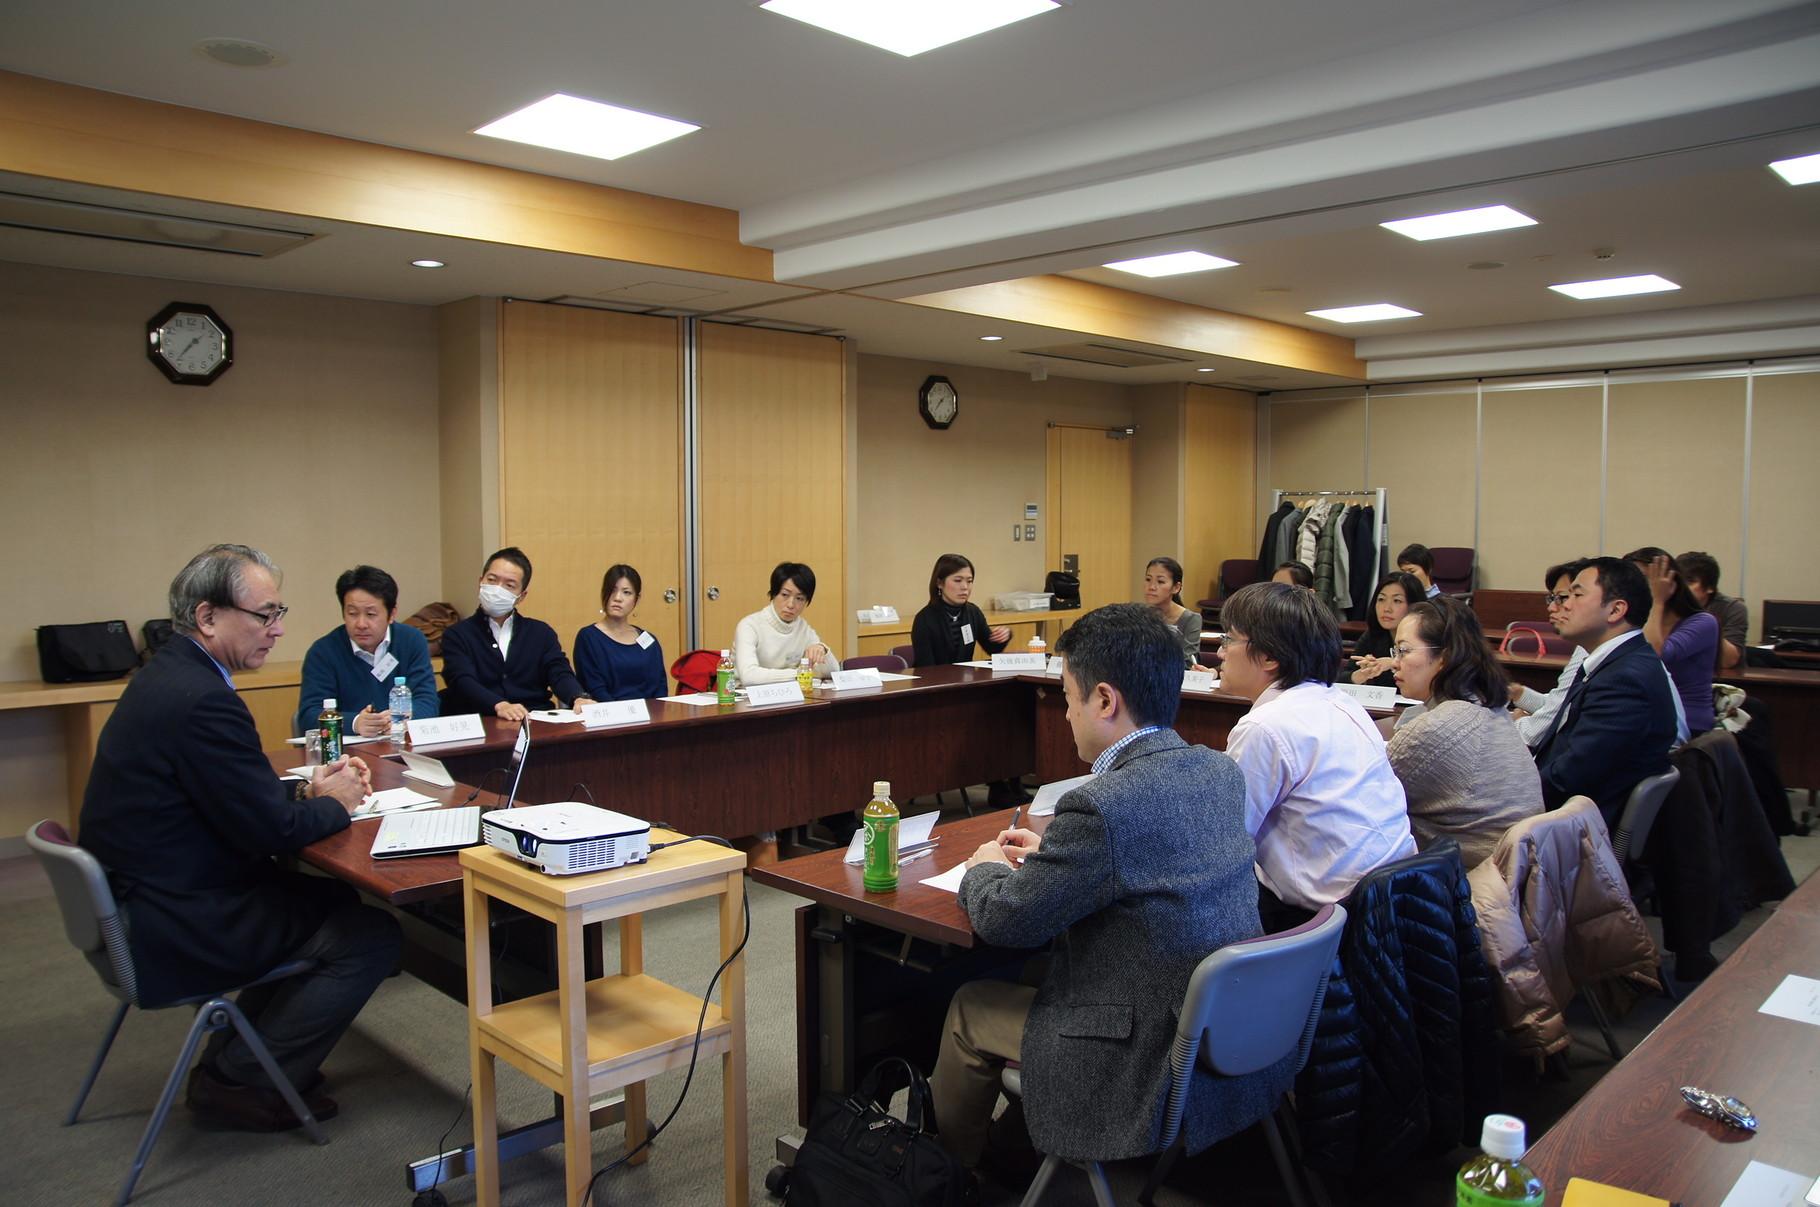 高成田先生の講義風景